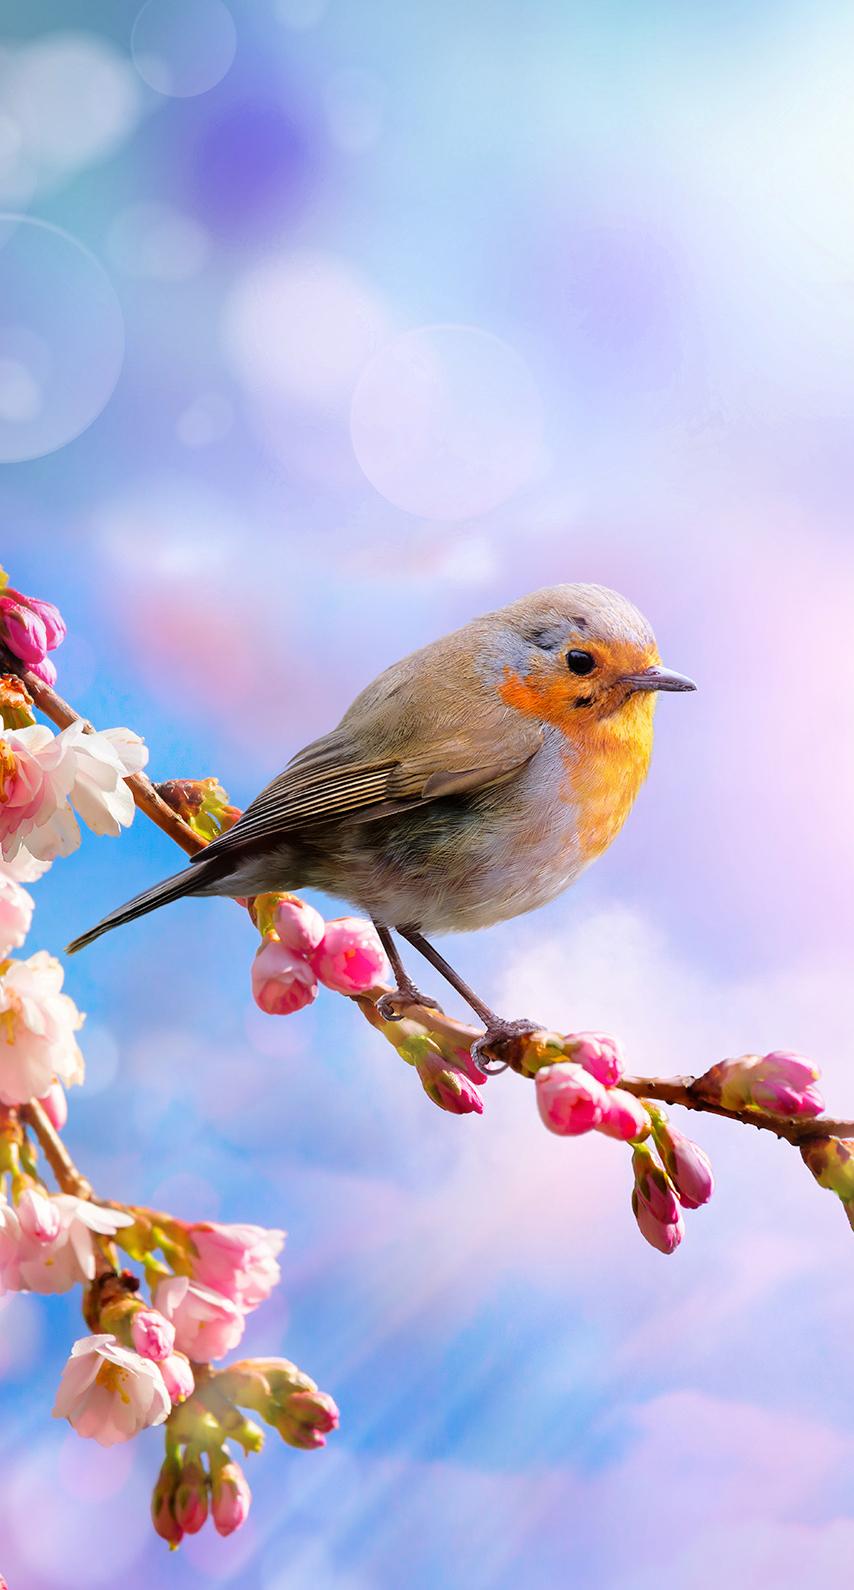 fauna, cherry blossom